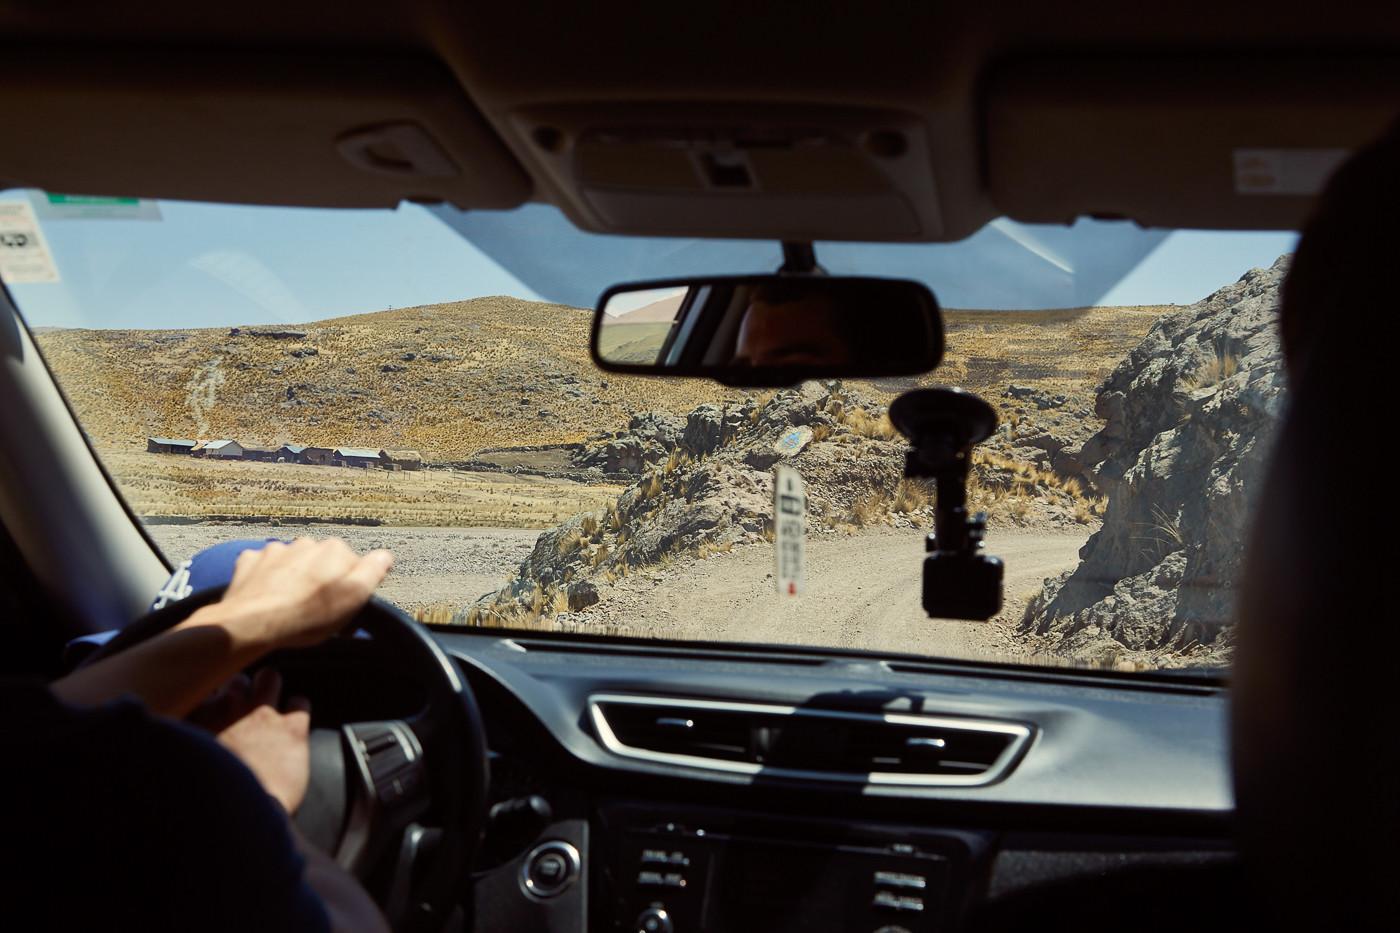 Das Autofahren in Peru ist abseits dei Hauptstraßen manchmal ein richtiges Abenteuer ins Ungewisse! Auf dieser Offroadpiste Richtung Cusco sind wir bis auf 4300 Höhenmeter auf Schotterpisten hinaufgefahren